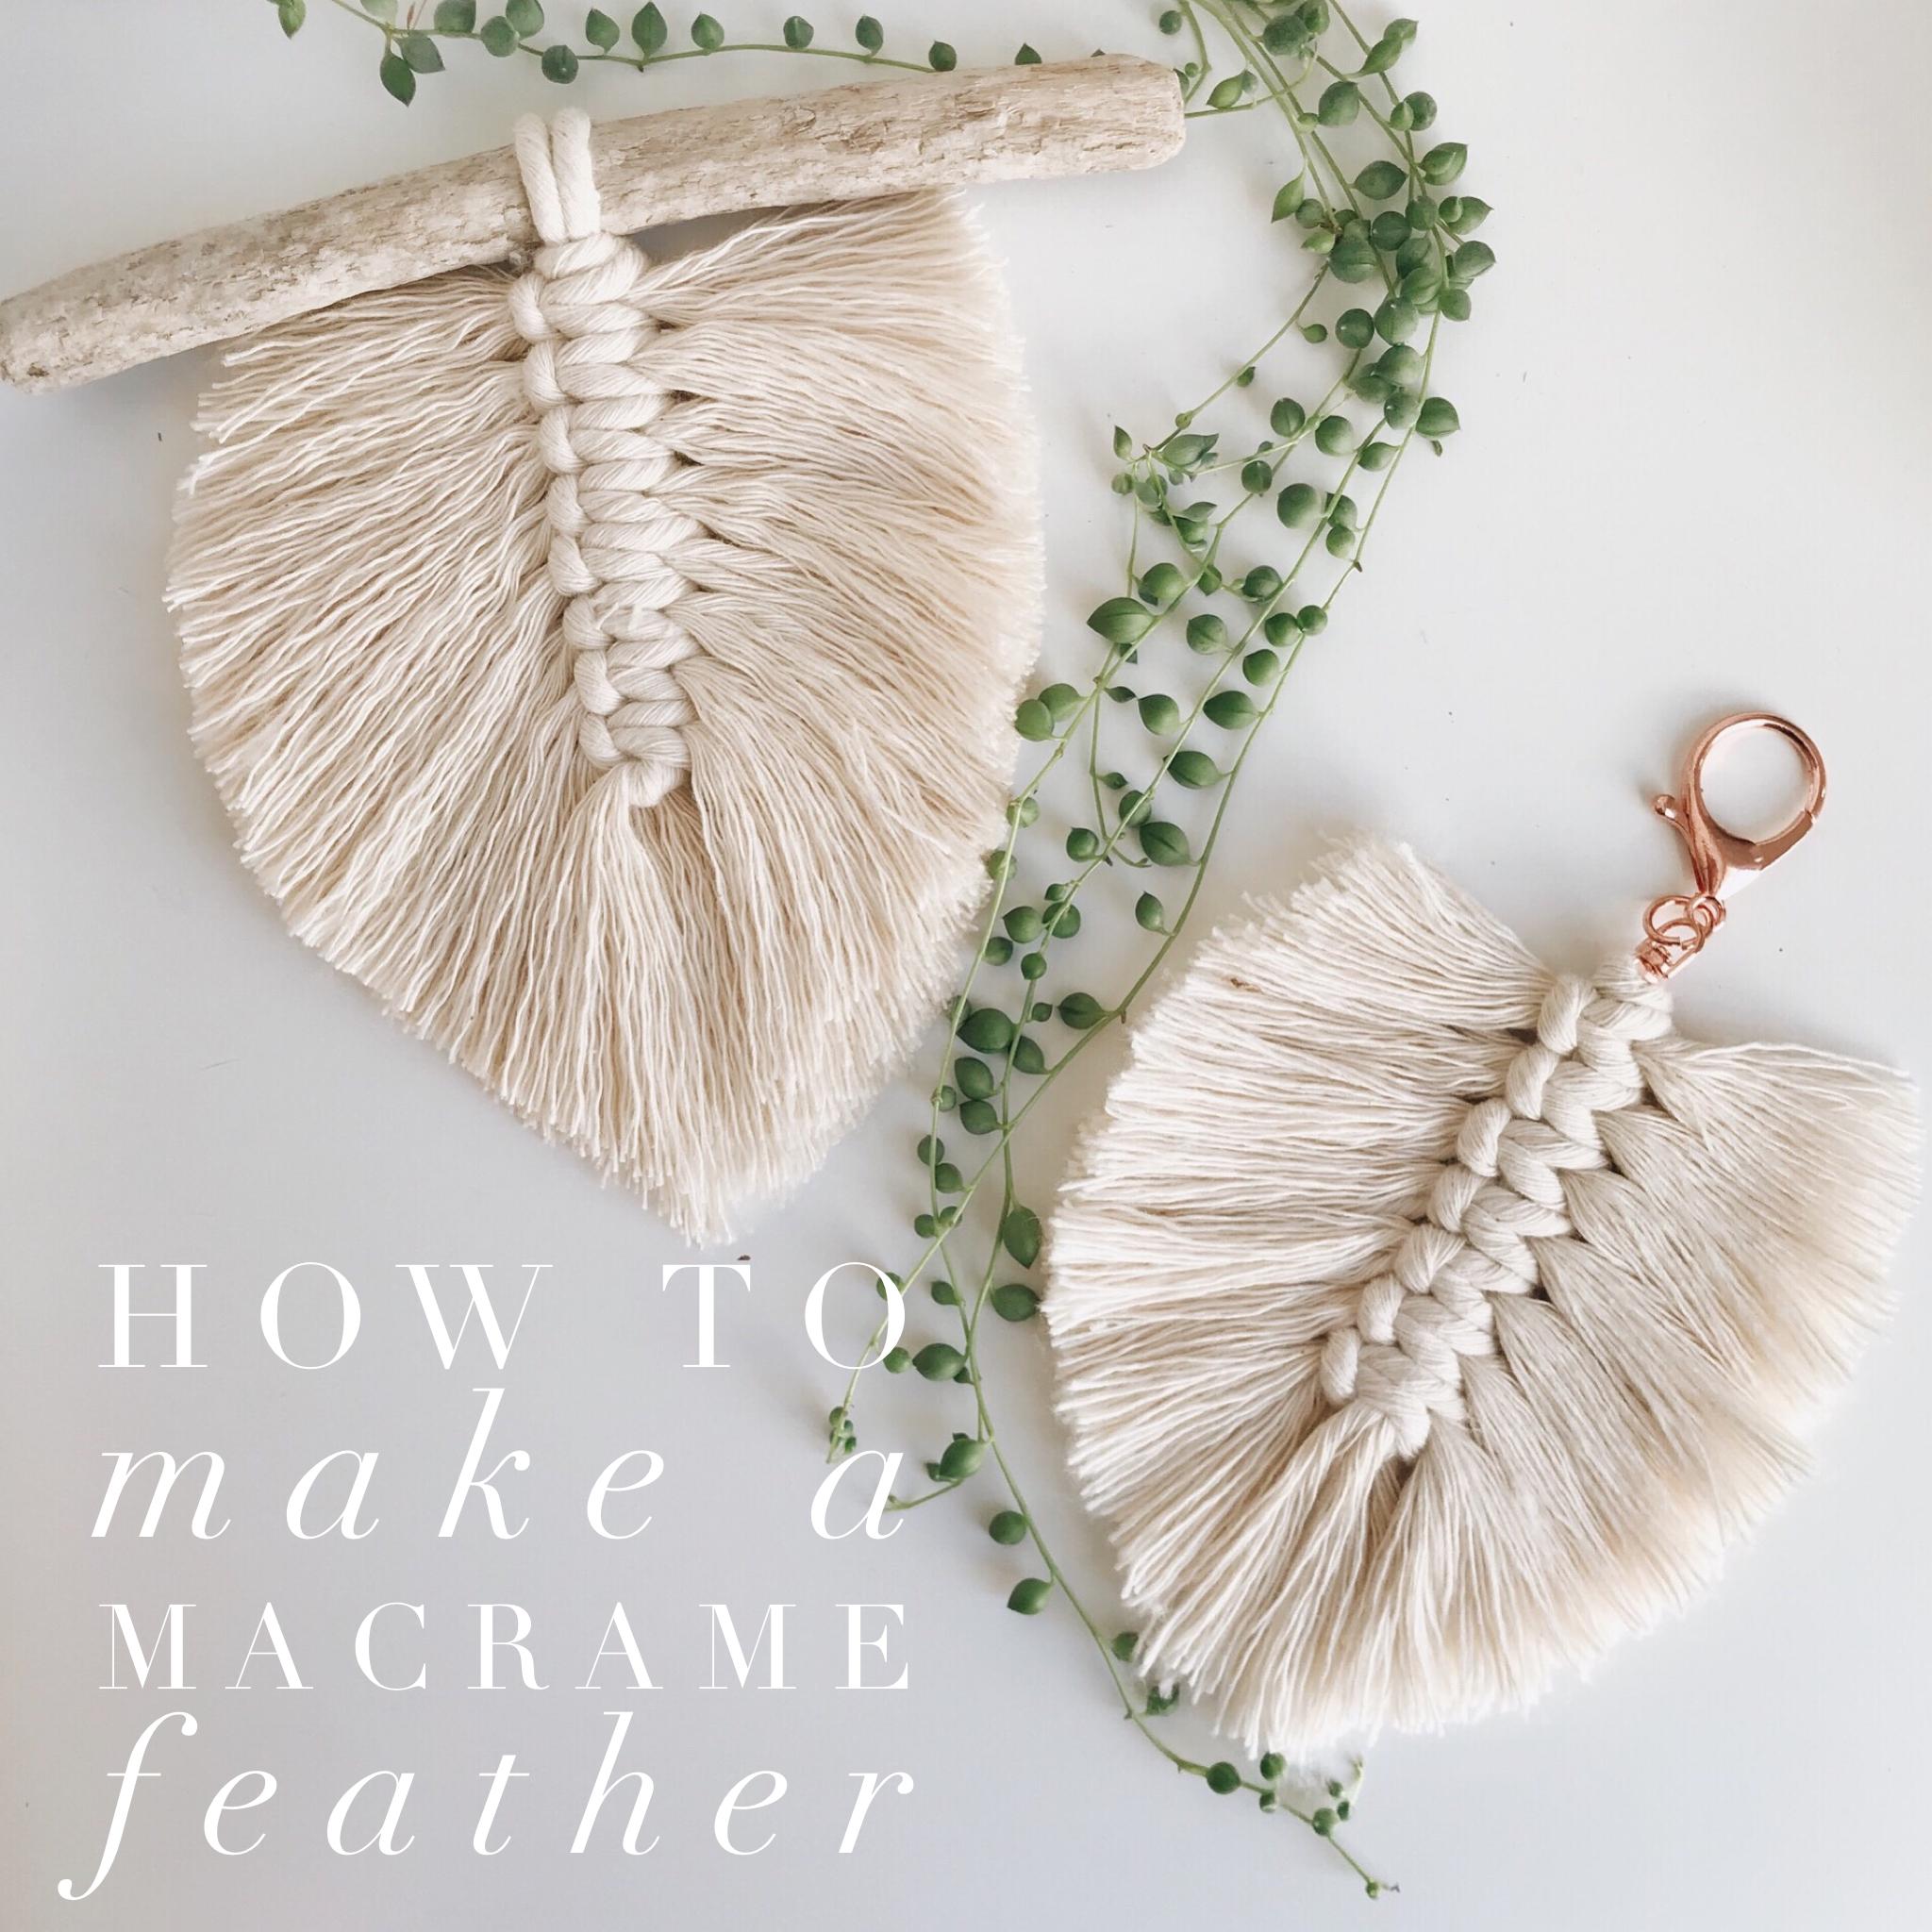 Easy steps diy tutorial for pattern making make draft for dress.